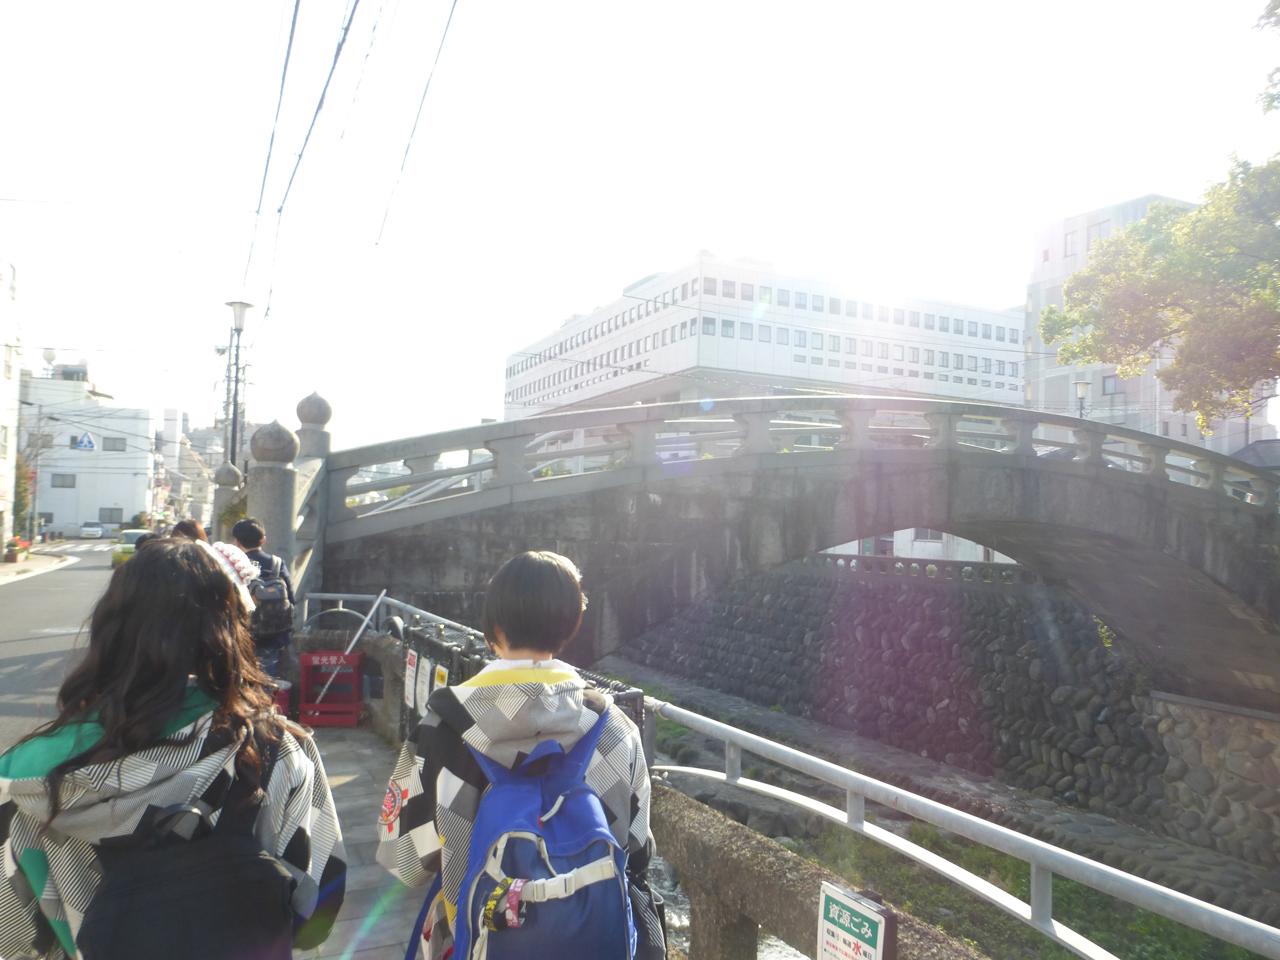 Bari perkotaan dari Nagasaki, juga bagus. (Ai/Kiina)